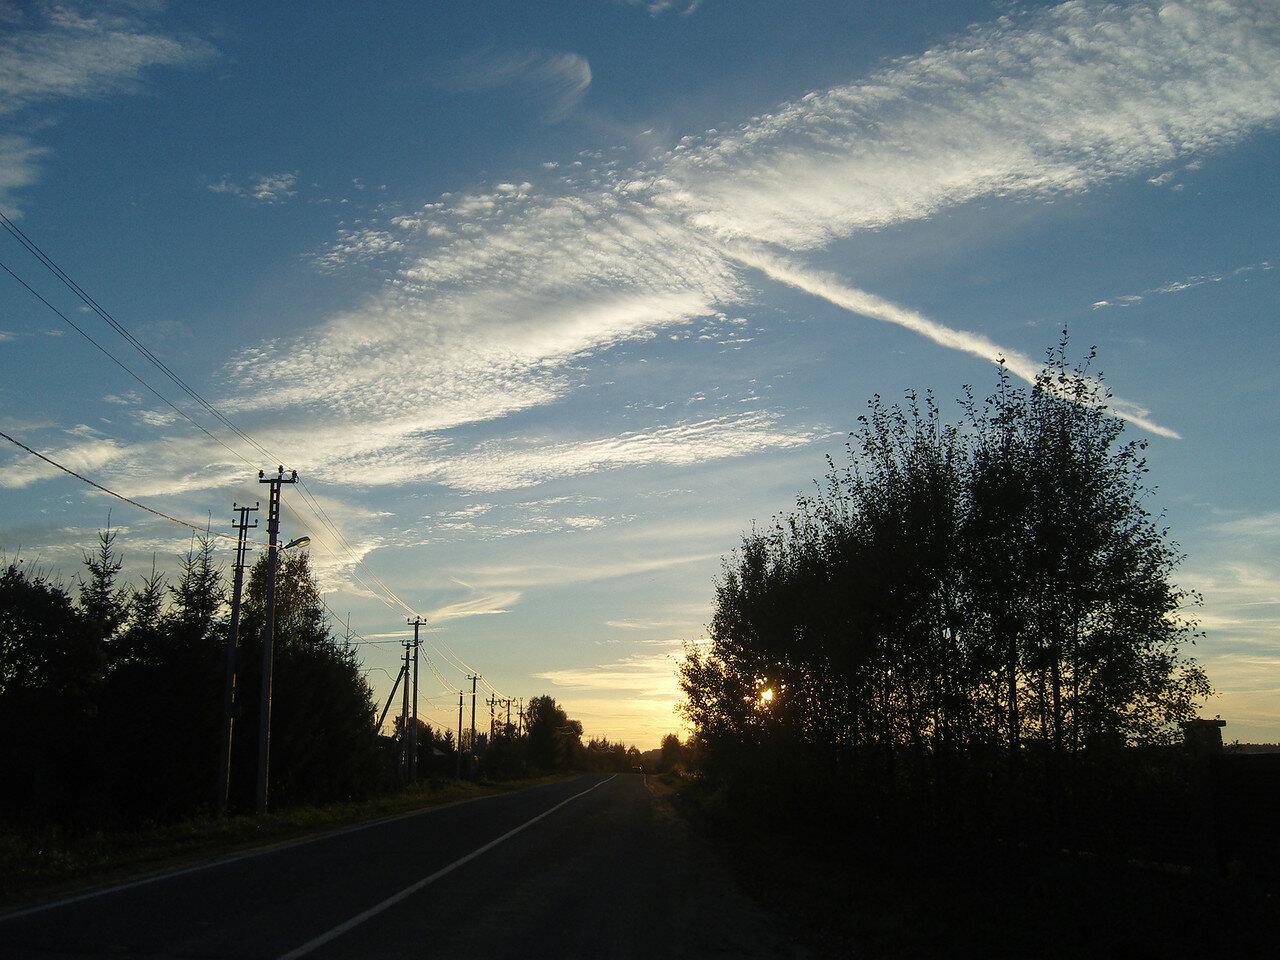 облака и инверсионные следы на предзакатном небе